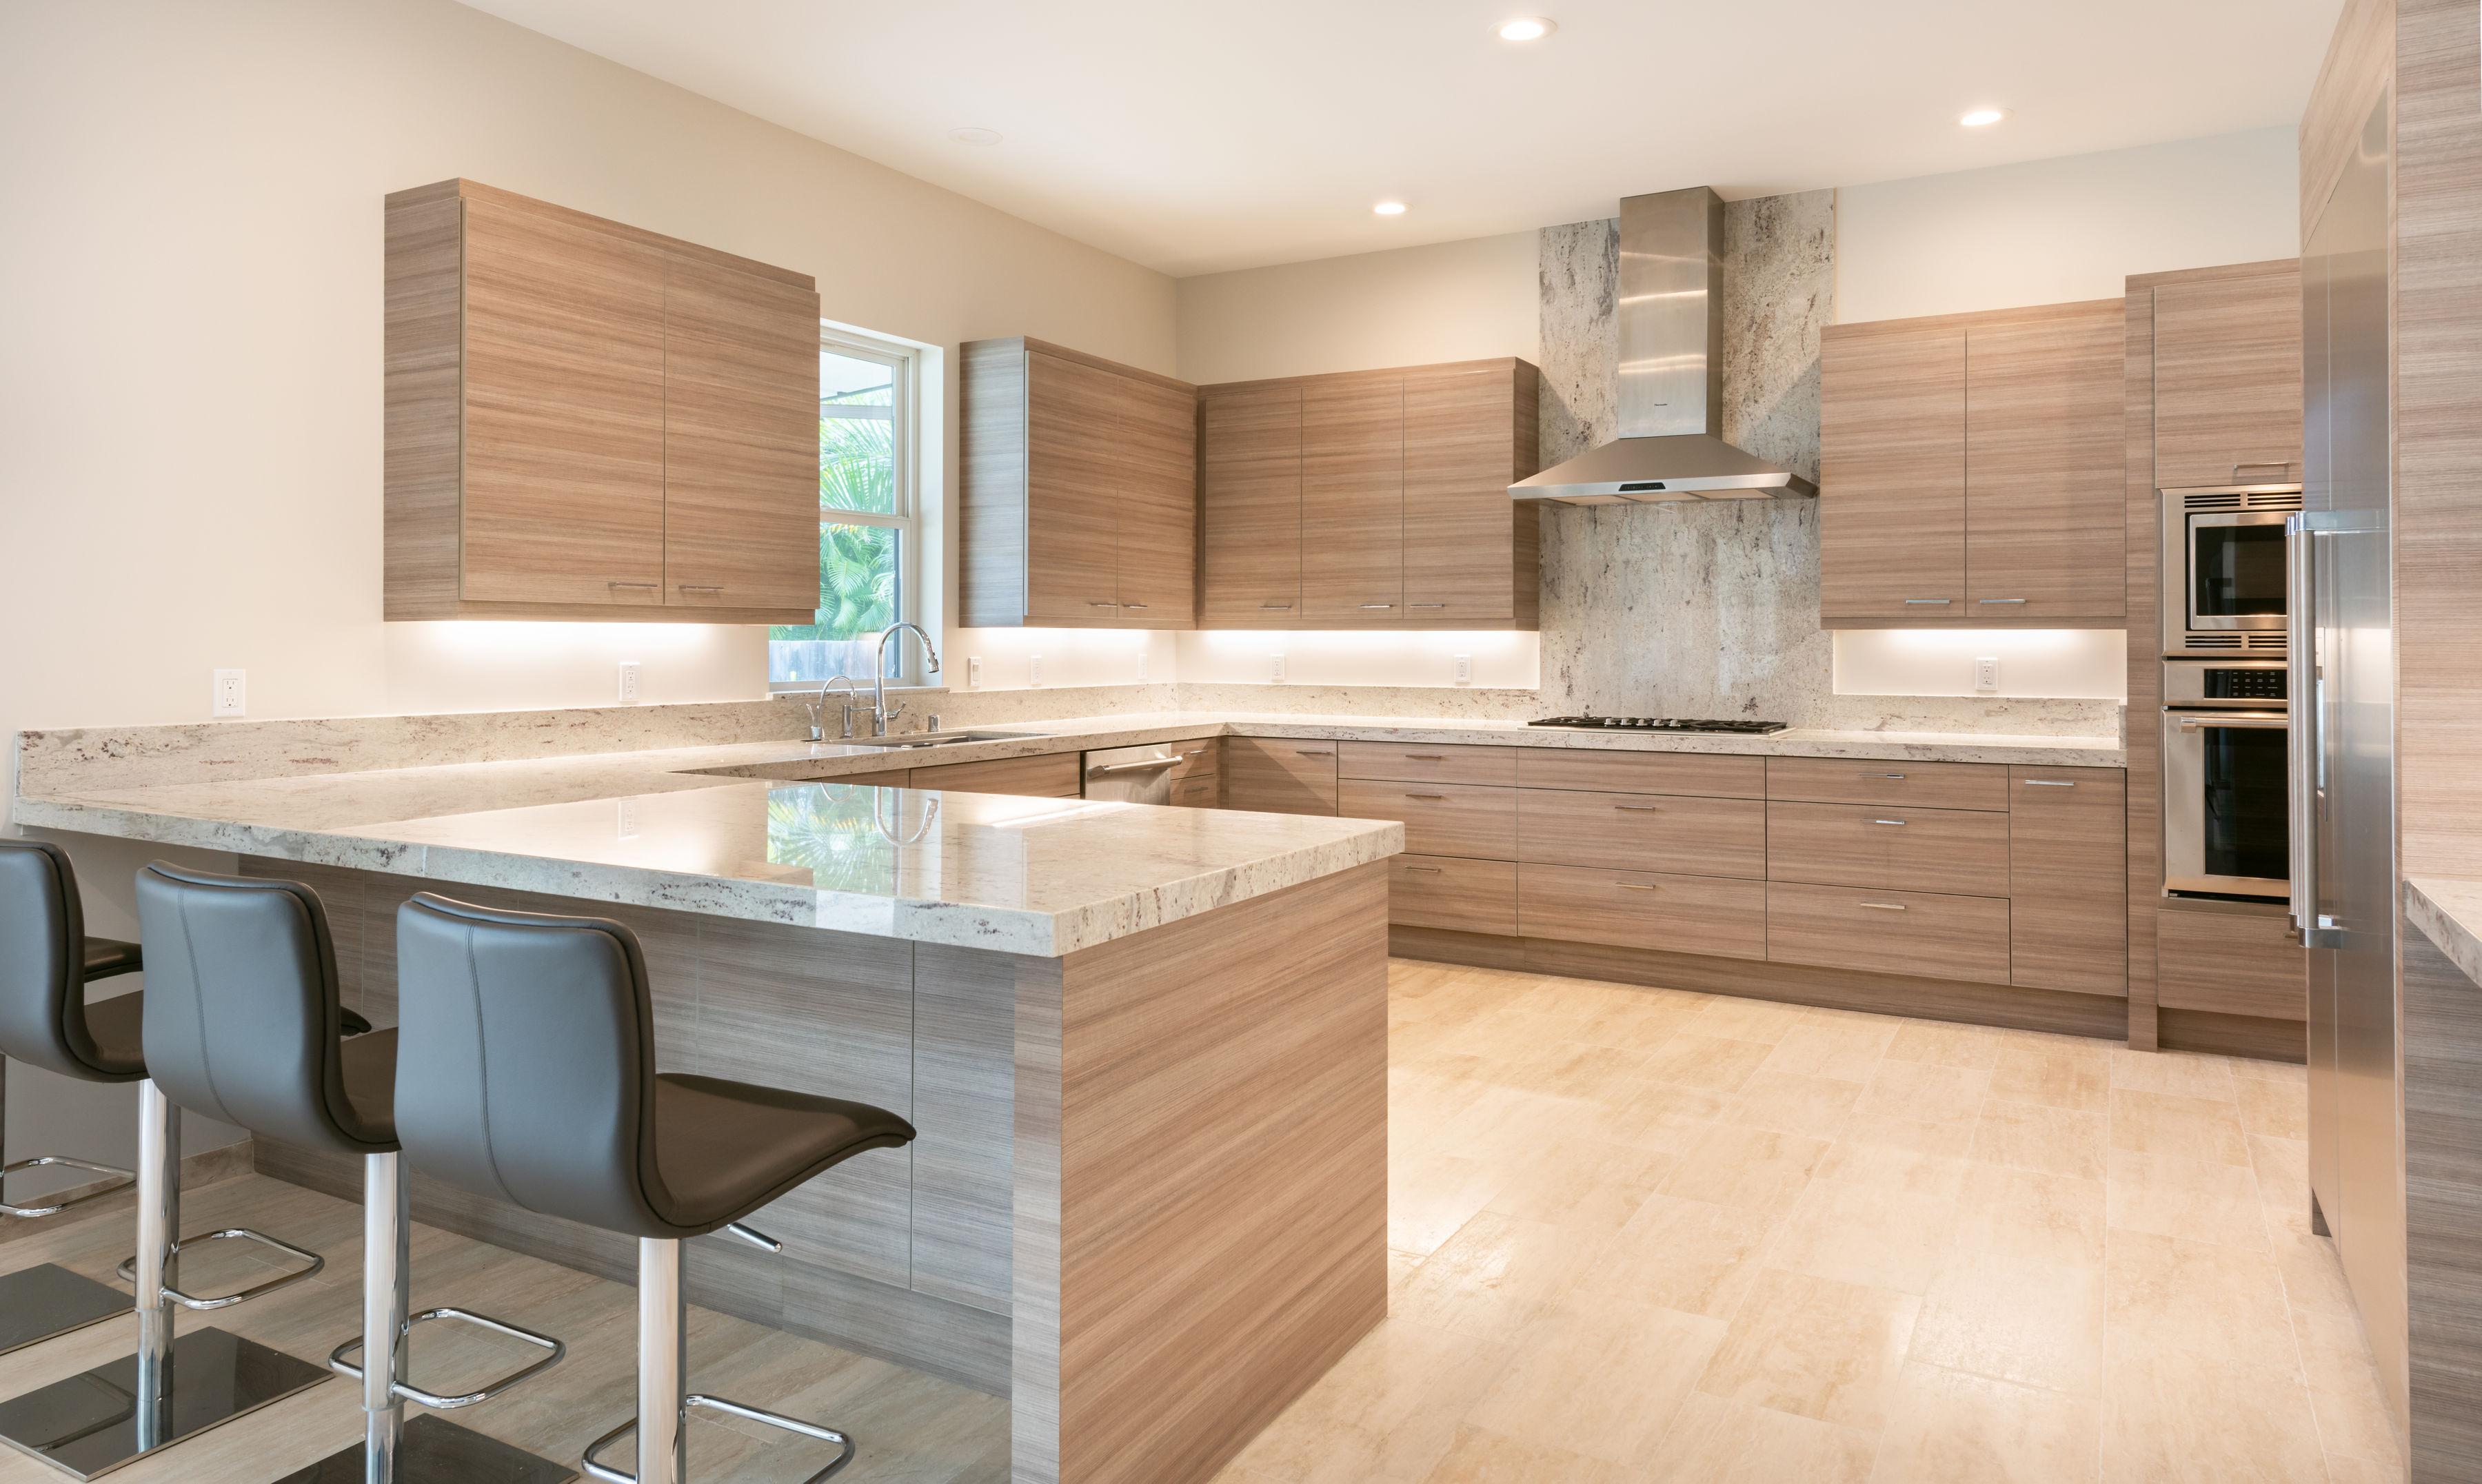 06-modern-kitchen-2